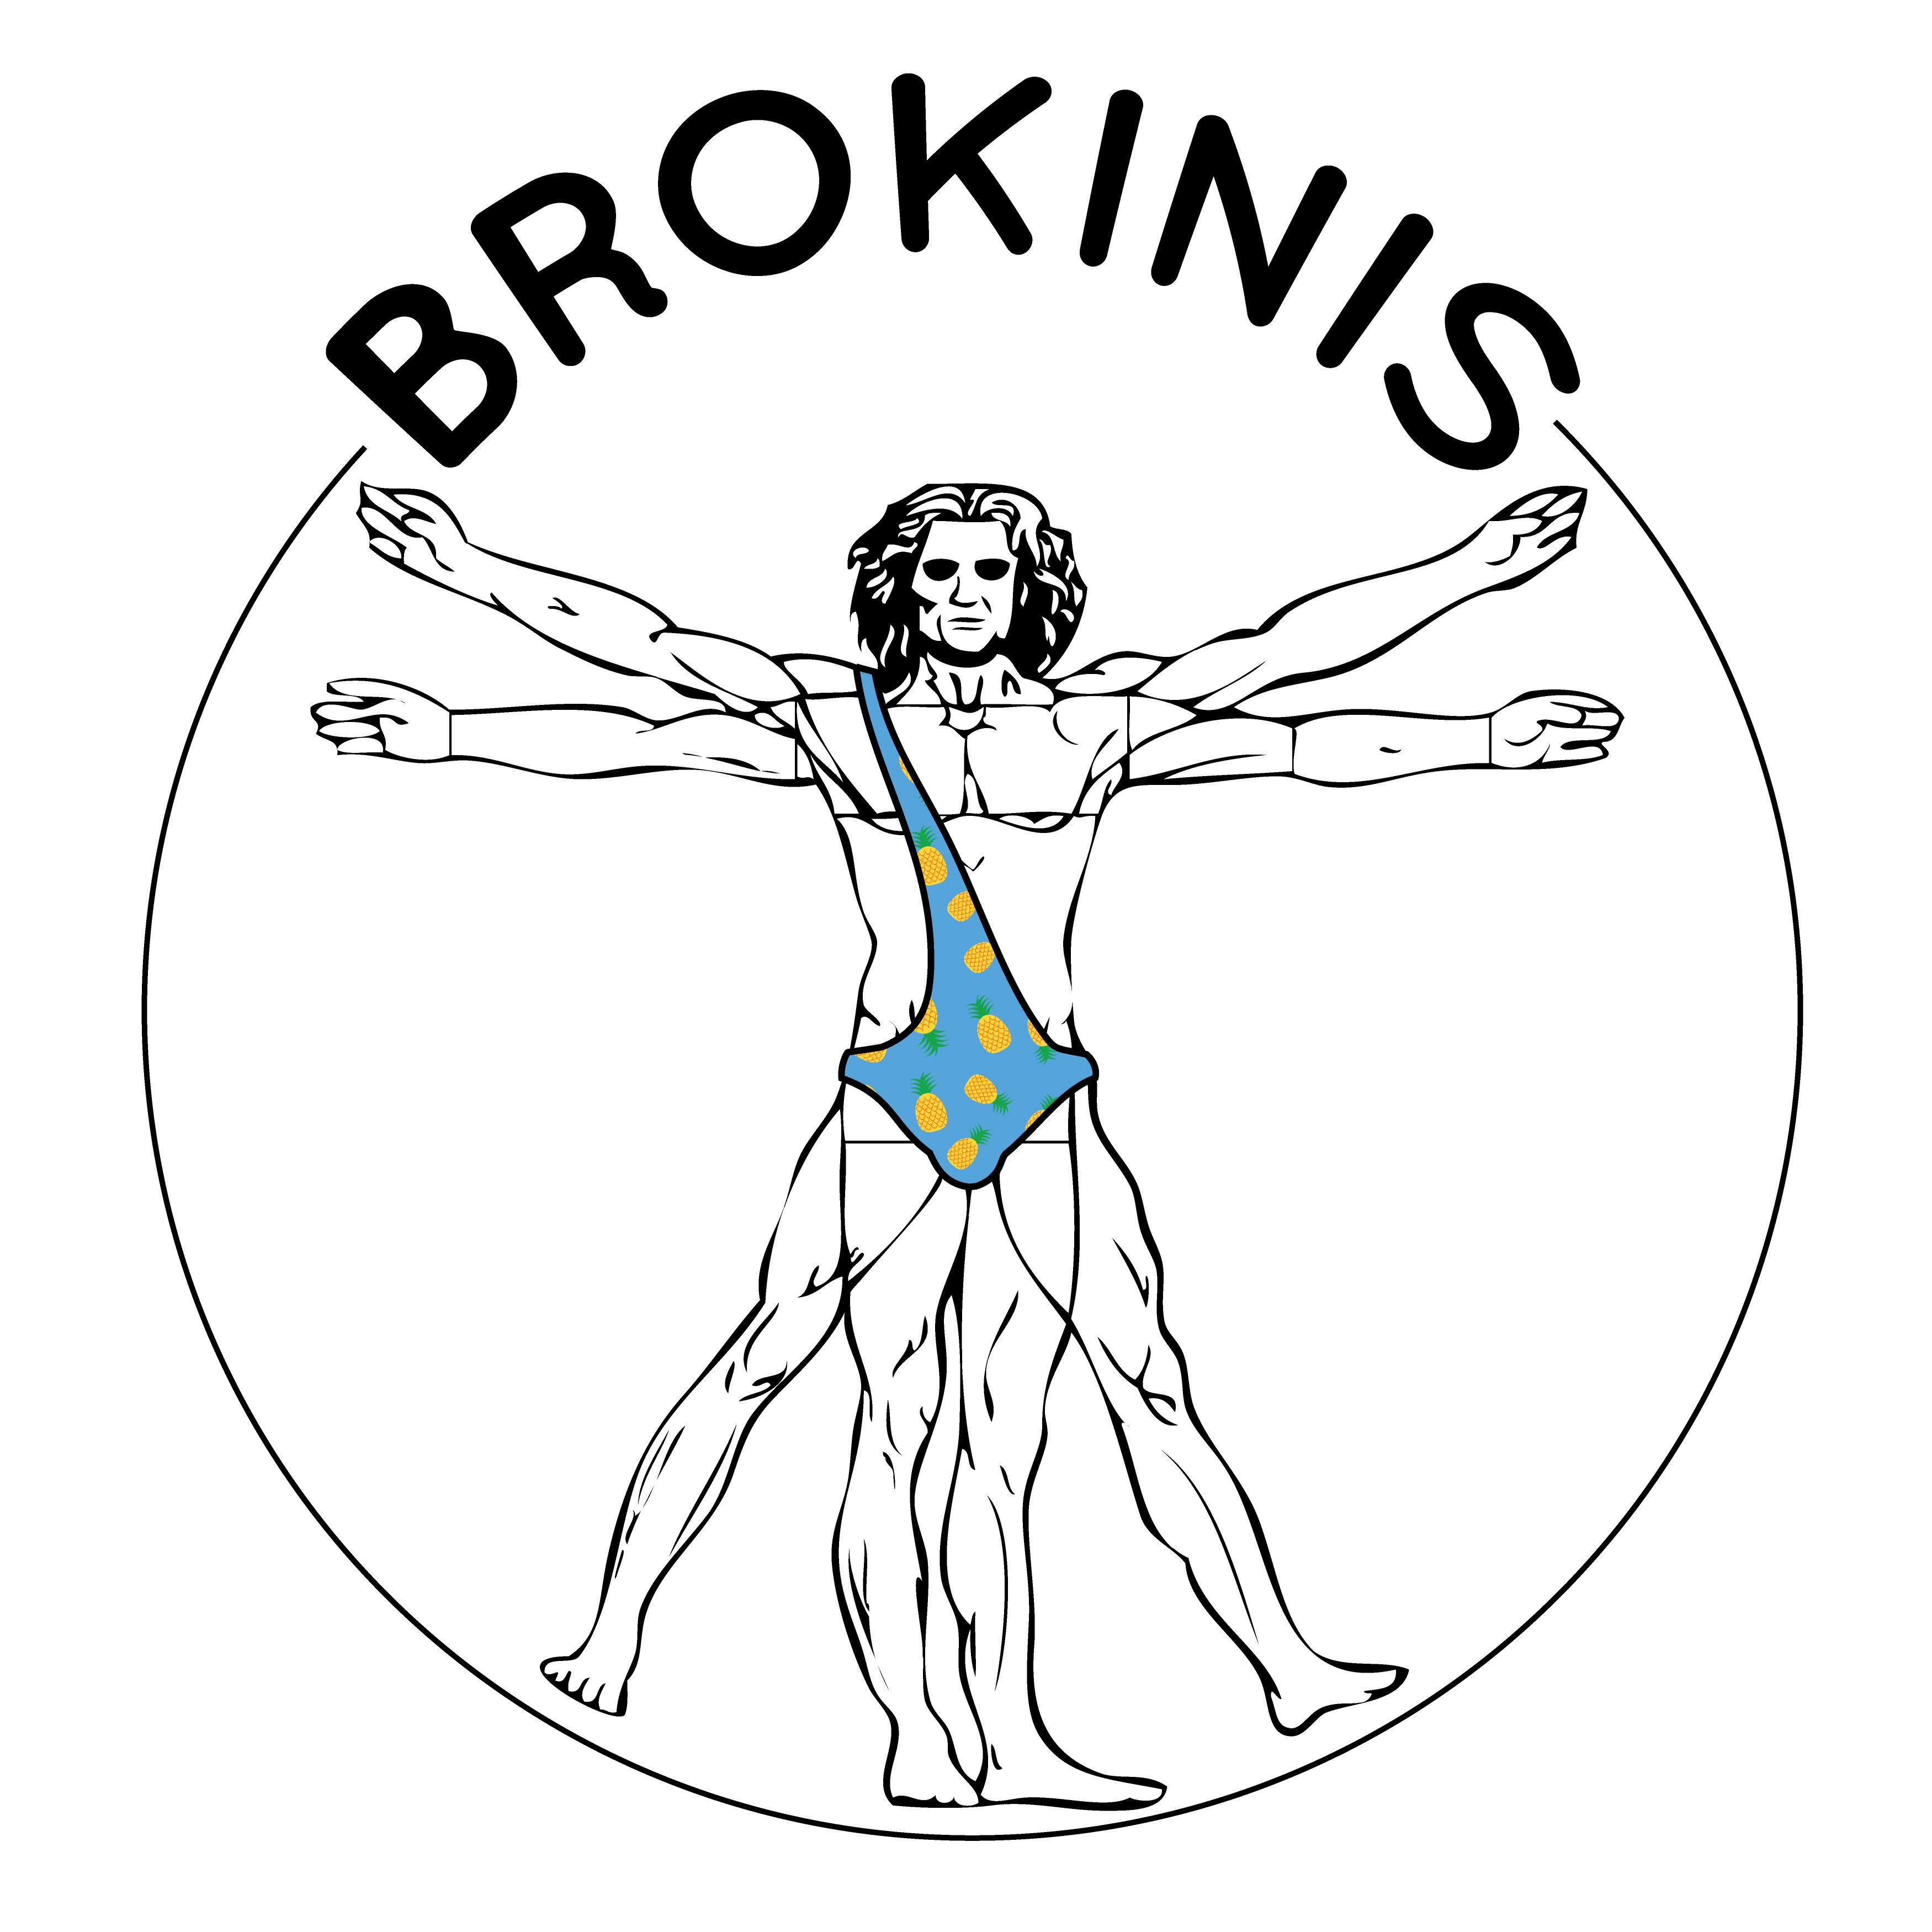 Brokinis